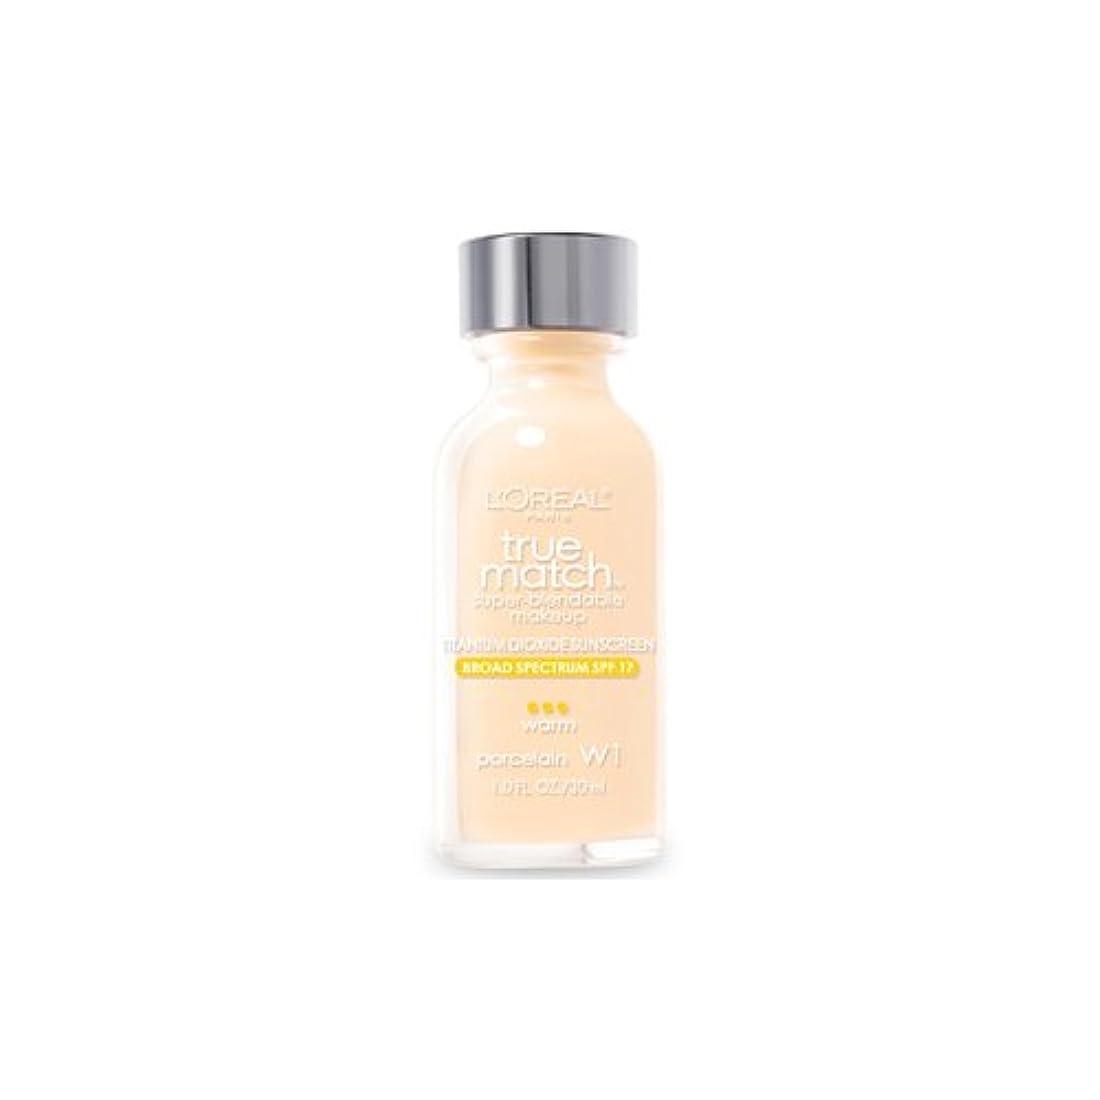 誘惑するクスコ成熟L'OREAL True Match Super Blendable Makeup - Porcelain (並行輸入品)